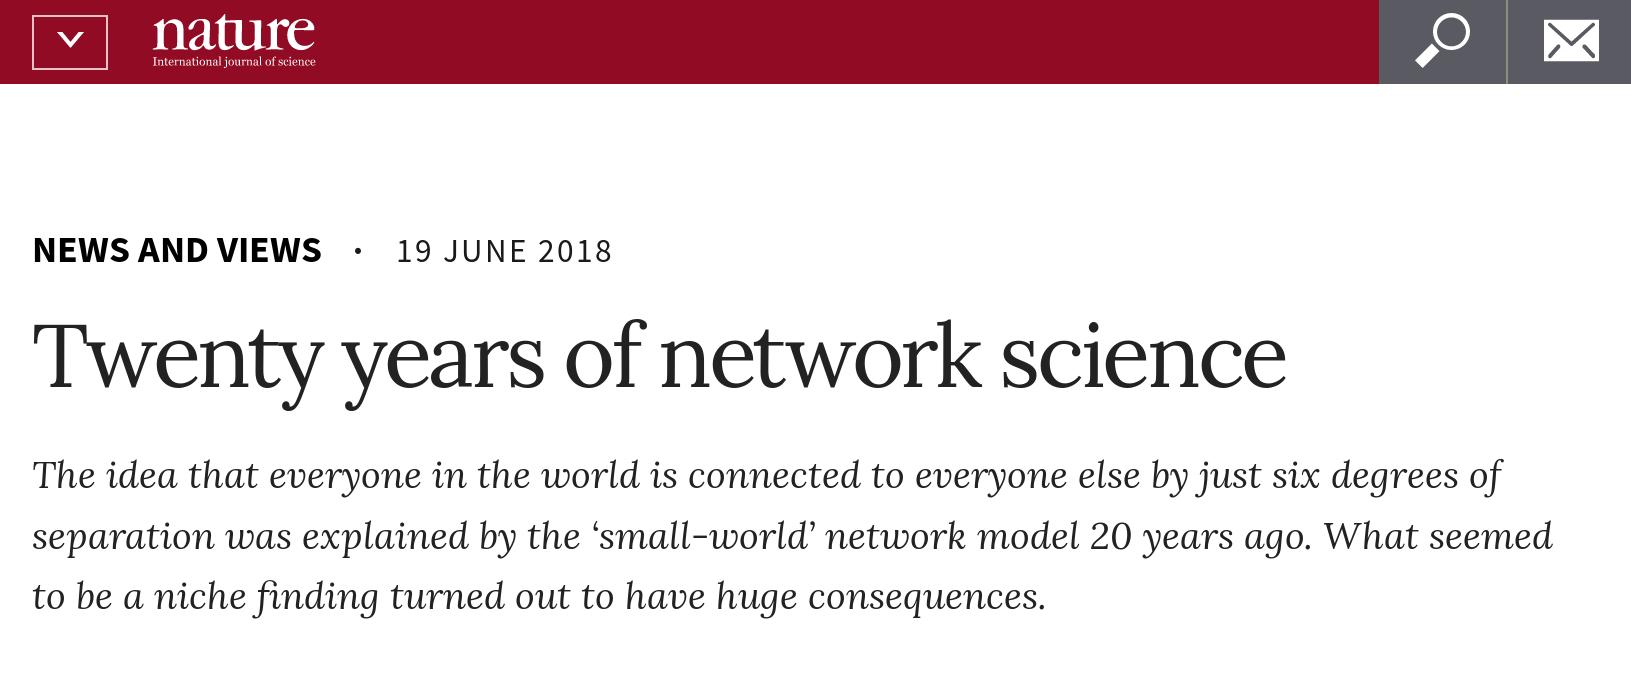 این نوشته ترجمهای تقریبا وفادار از مقاله منتشر شده در Nature News and Views توسط Alessandro Vespignani به مناسبت تولد ۲۰ سالگی شبکههای جهان-کوچک است.